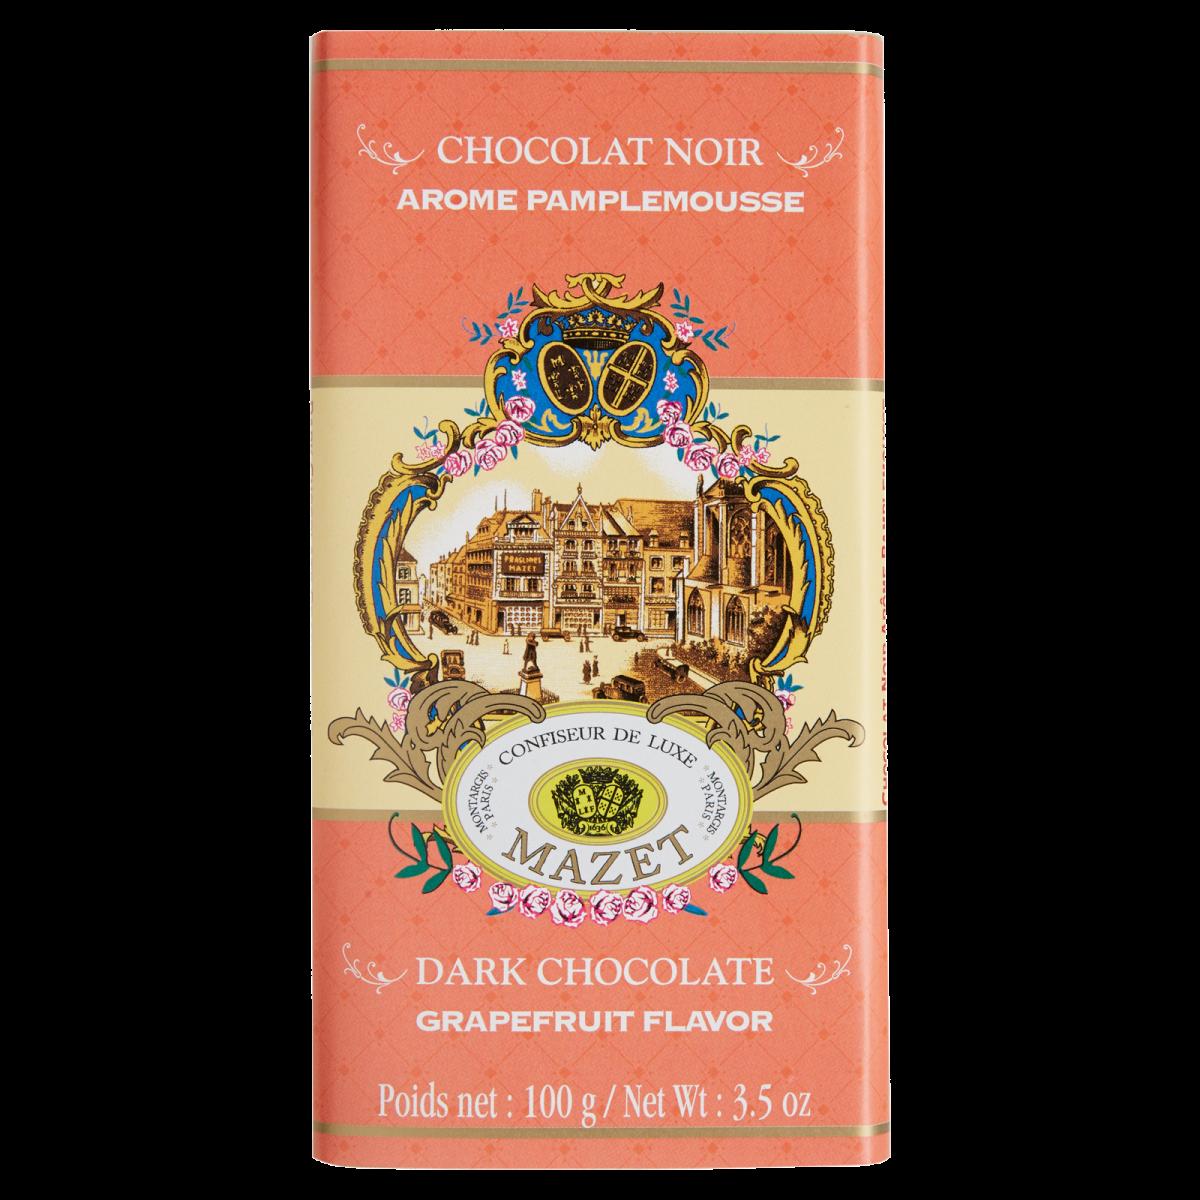 Tablettes de Chocolat - Tablette noir arome Pamplemousse...